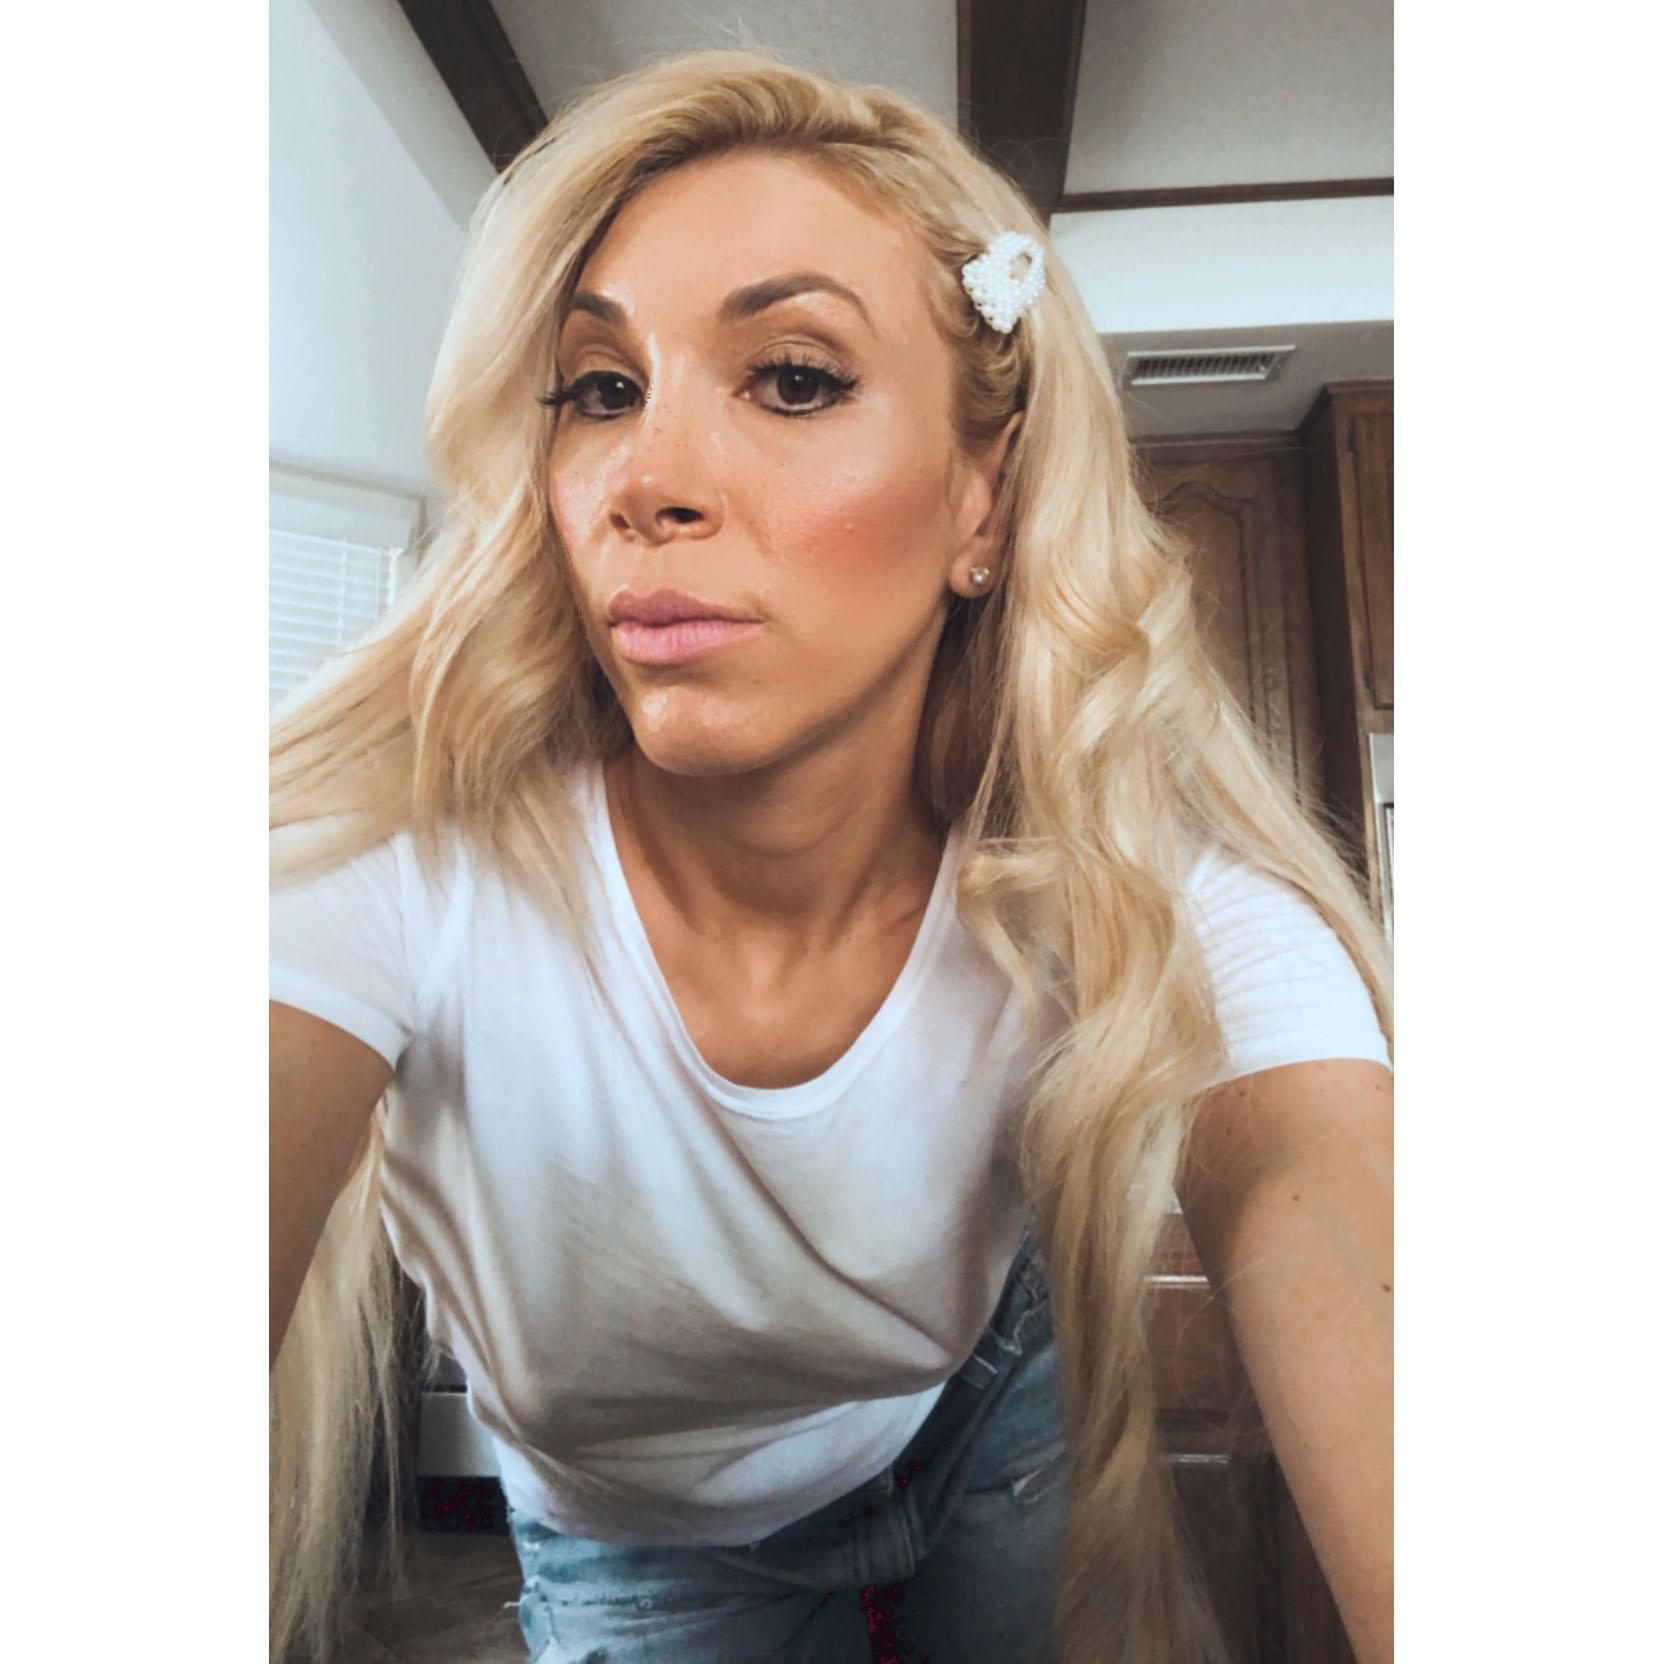 The Kimberly Lovi Podcast